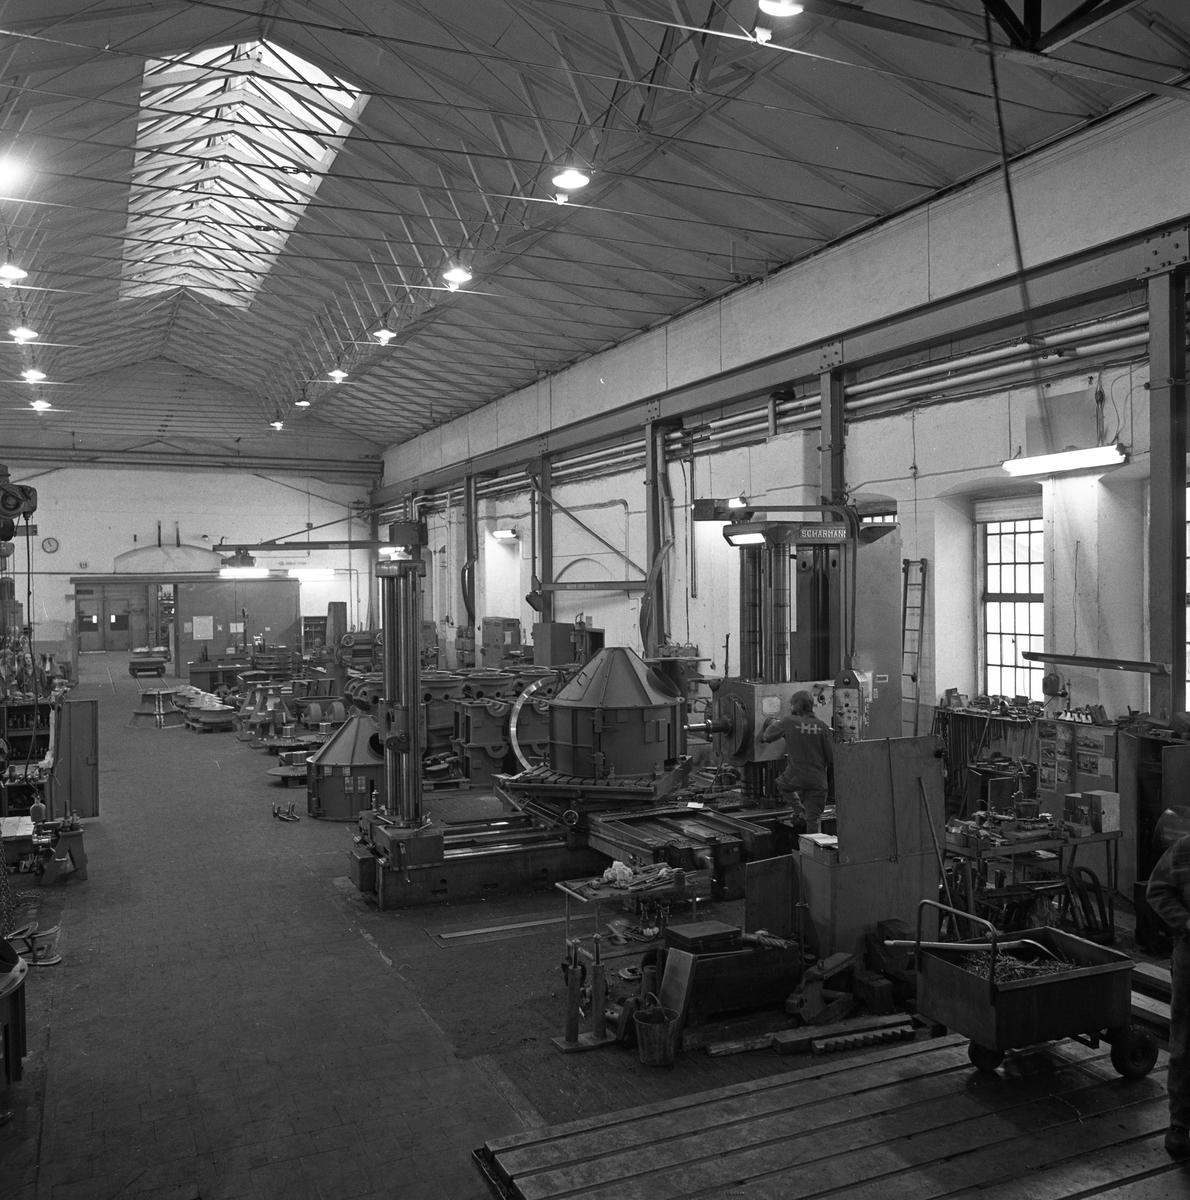 Arboga Mekaniska Verkstad, interiör från maskinverkstad och monteringsavdelning. Industrilokal med högt i tak och maskiner i dubbla rader.  25 september 1856 fick AB Arboga Mekaniska Verkstad rättigheter att anlägga järngjuteri och mekanisk verkstad. Verksamheten startade 1858. Meken var först i landet med att installera en elektrisk motor för drift av verktygsmaskiner vid en taktransmission (1887).  Gjuteriet lades ner 1967. Den mekaniska verkstaden lades ner på 1980-talet. Läs om Meken i Hembygdsföreningen Arboga Minnes årsbok från 1982.